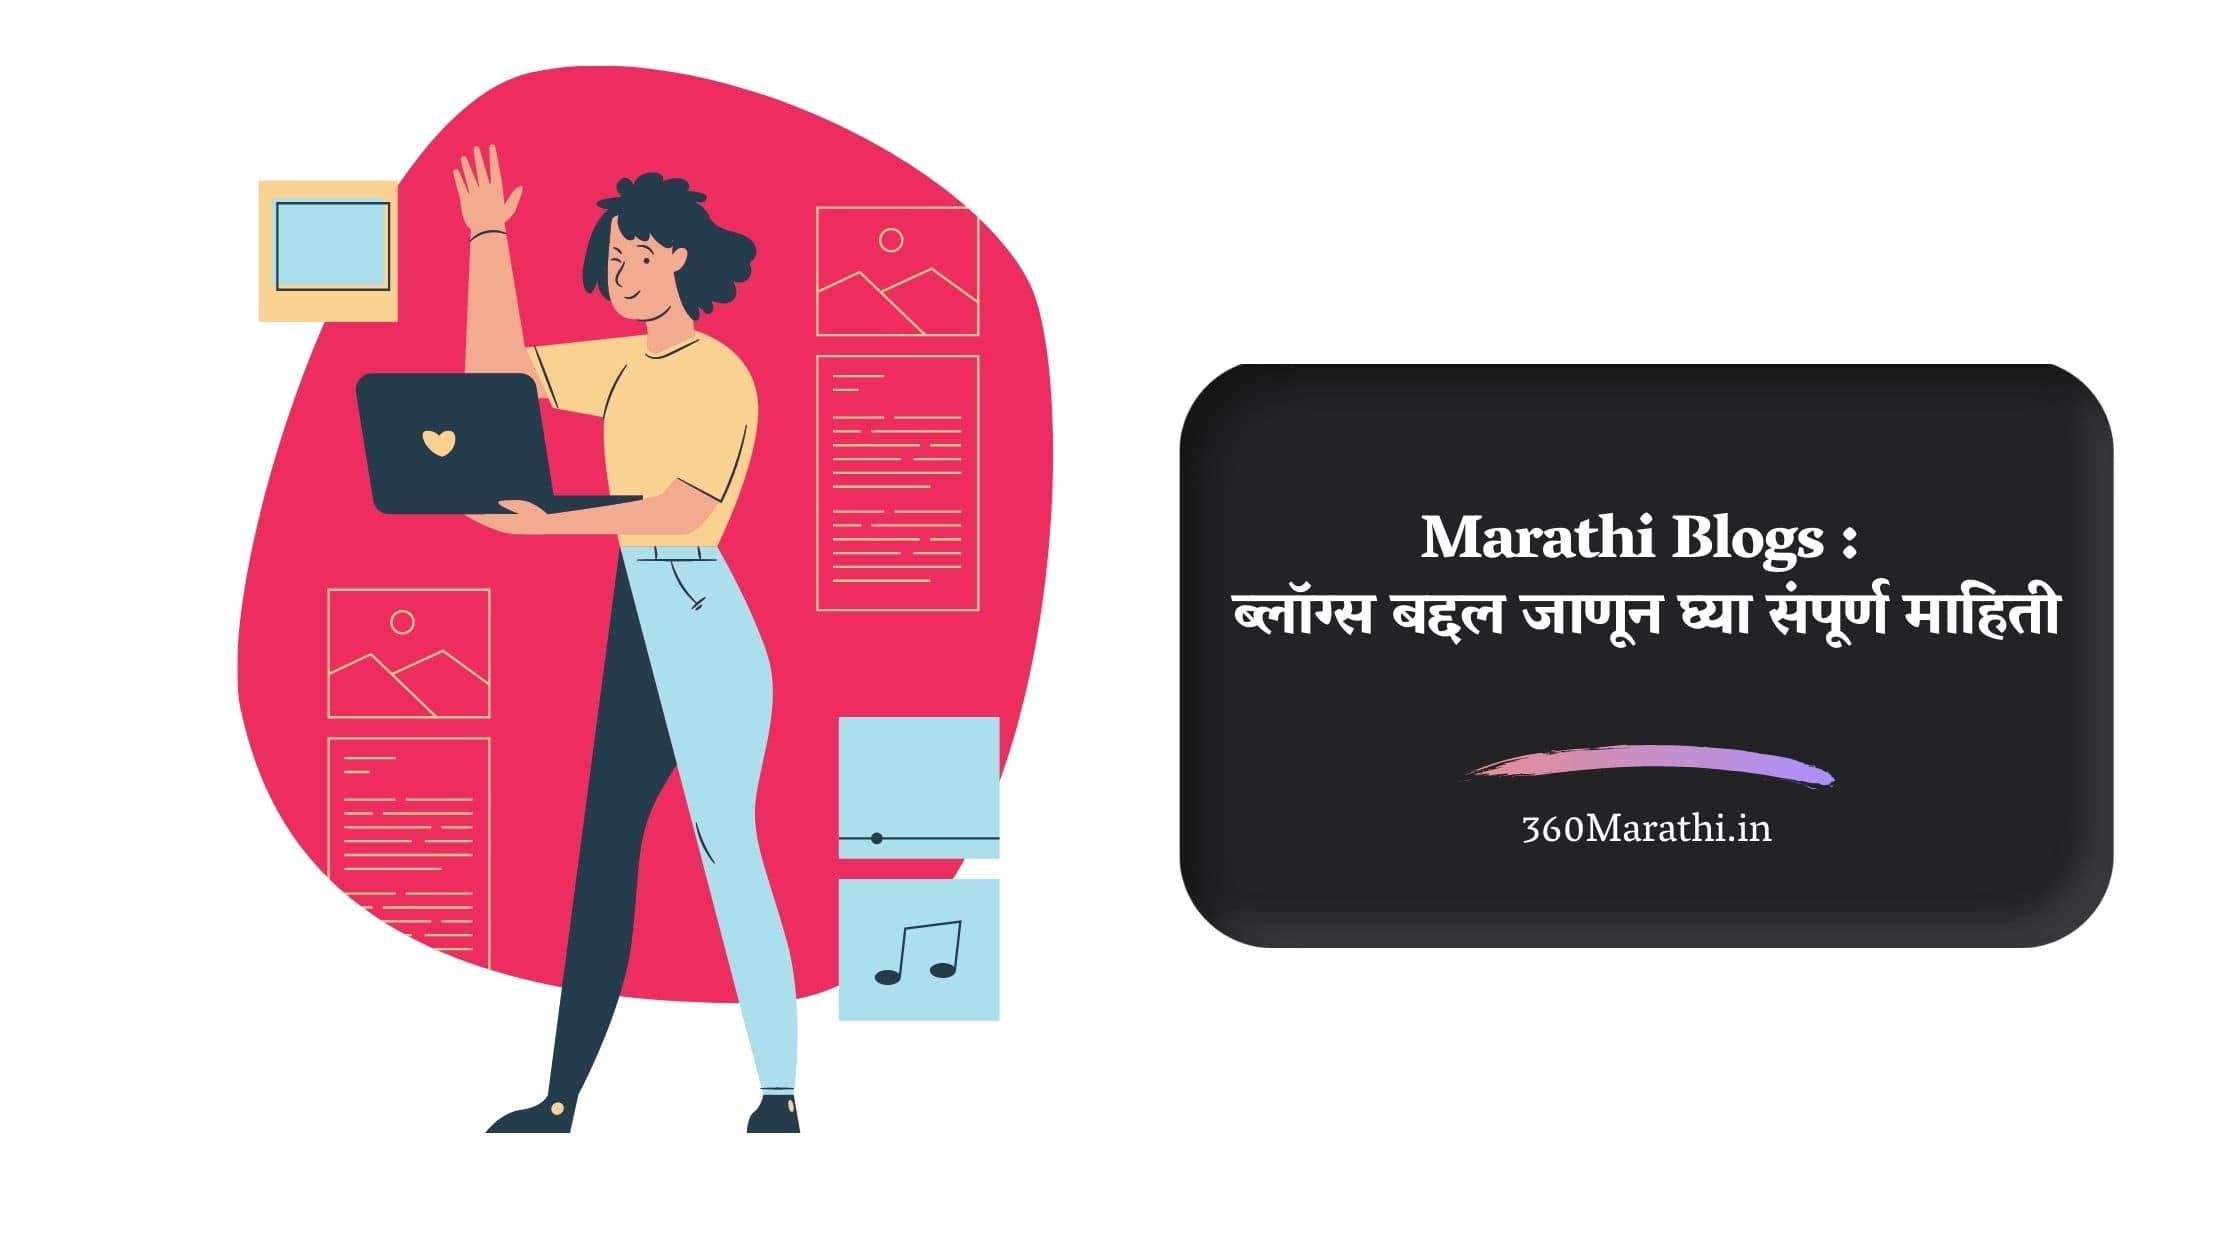 Marathi Blogs : ब्लॉग्स बद्दल जाणून घ्या संपूर्ण माहिती